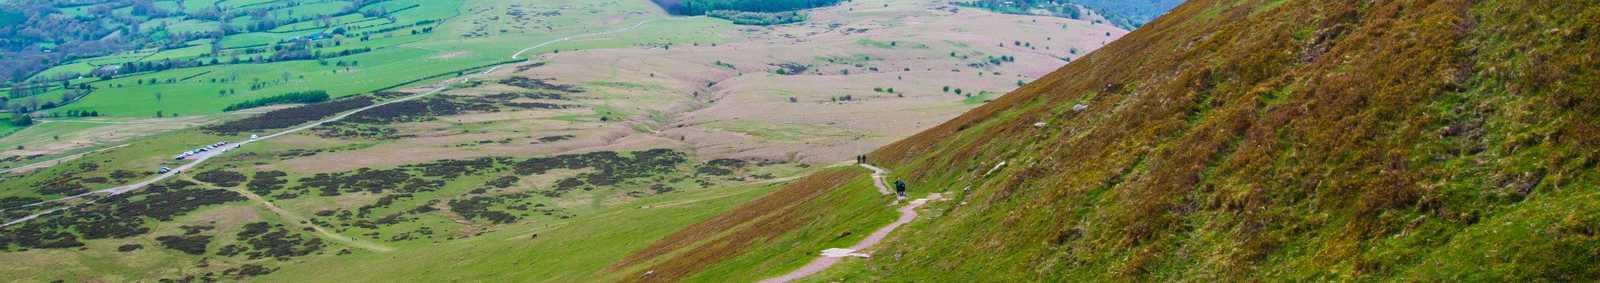 shutterstock_780386821 Offa's Dyke nr Hay on Wye